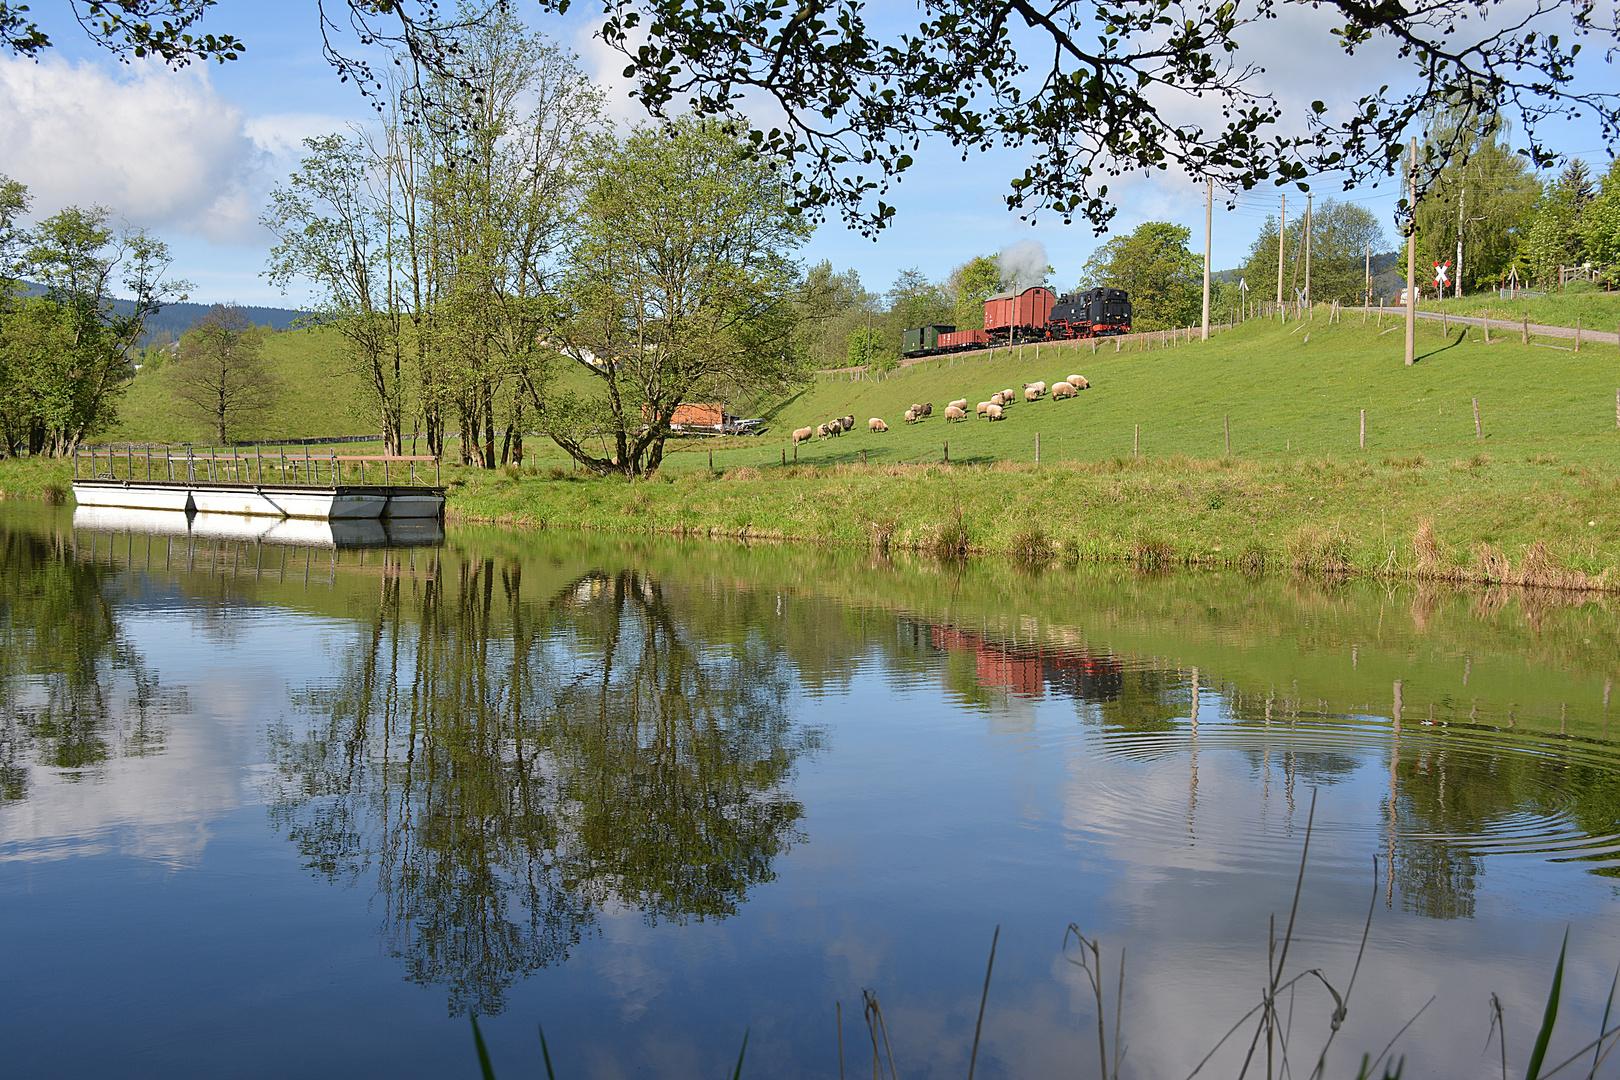 Eine Schafherde am Teich